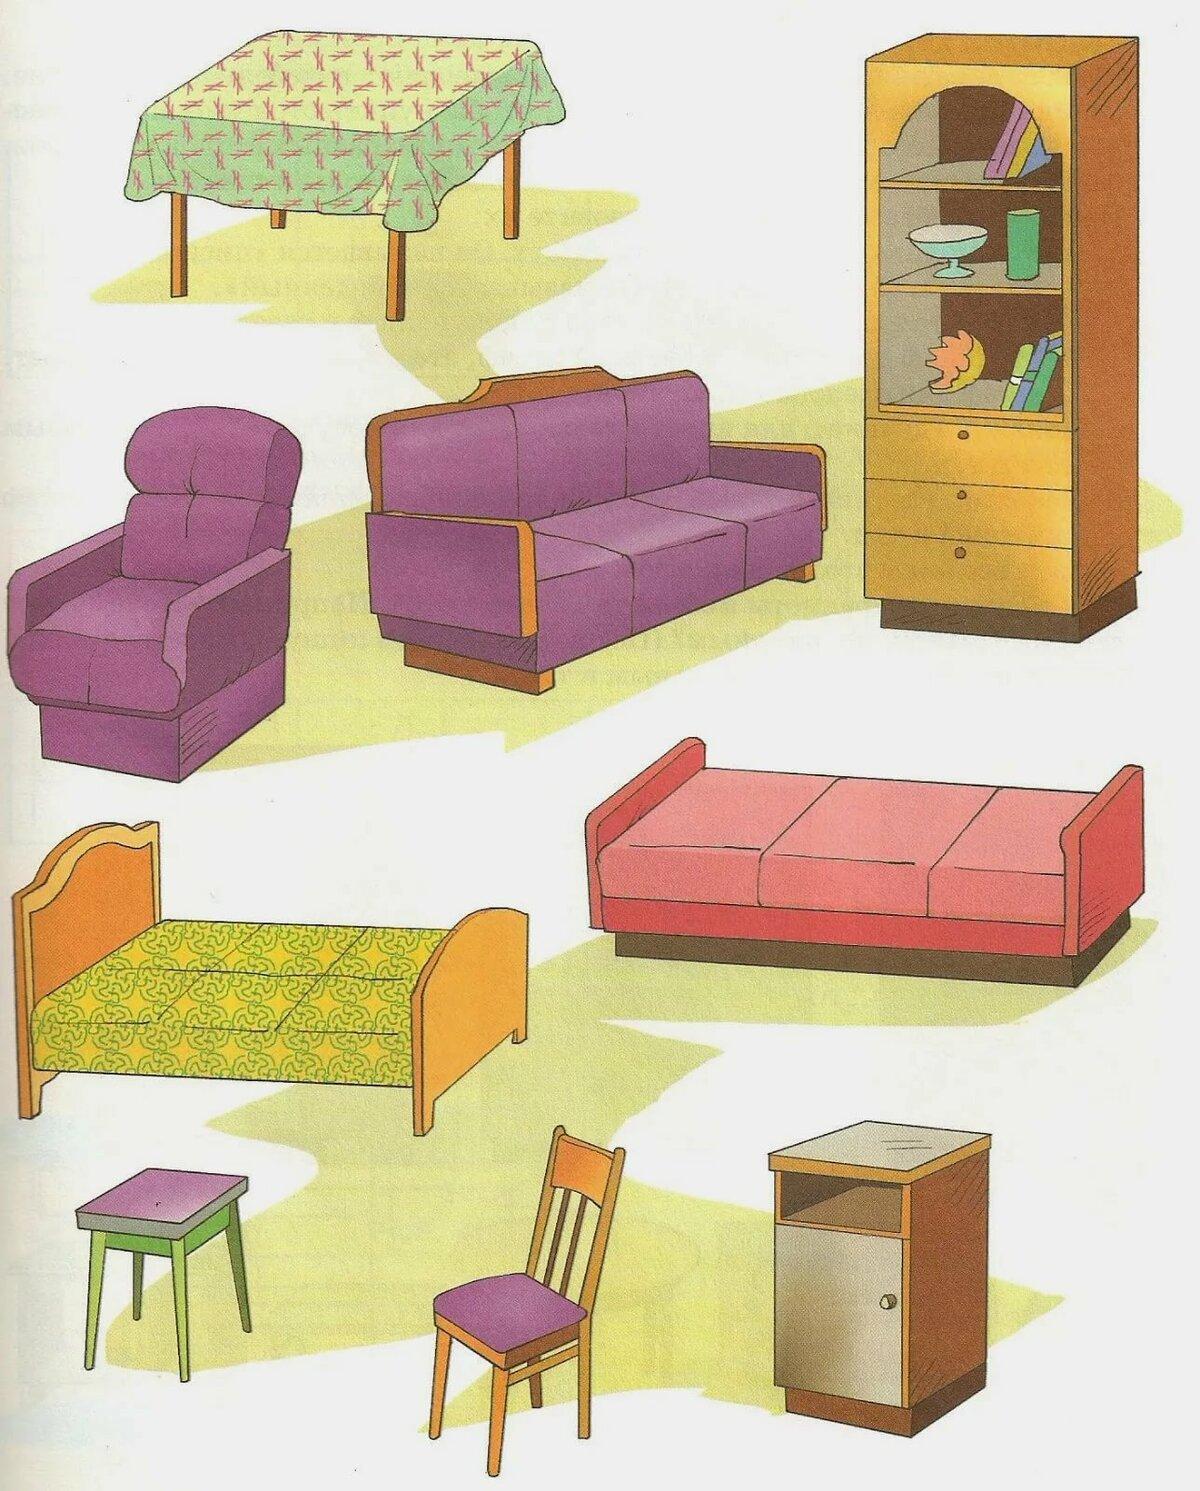 пришли цветные картинки мебели материал направлен то